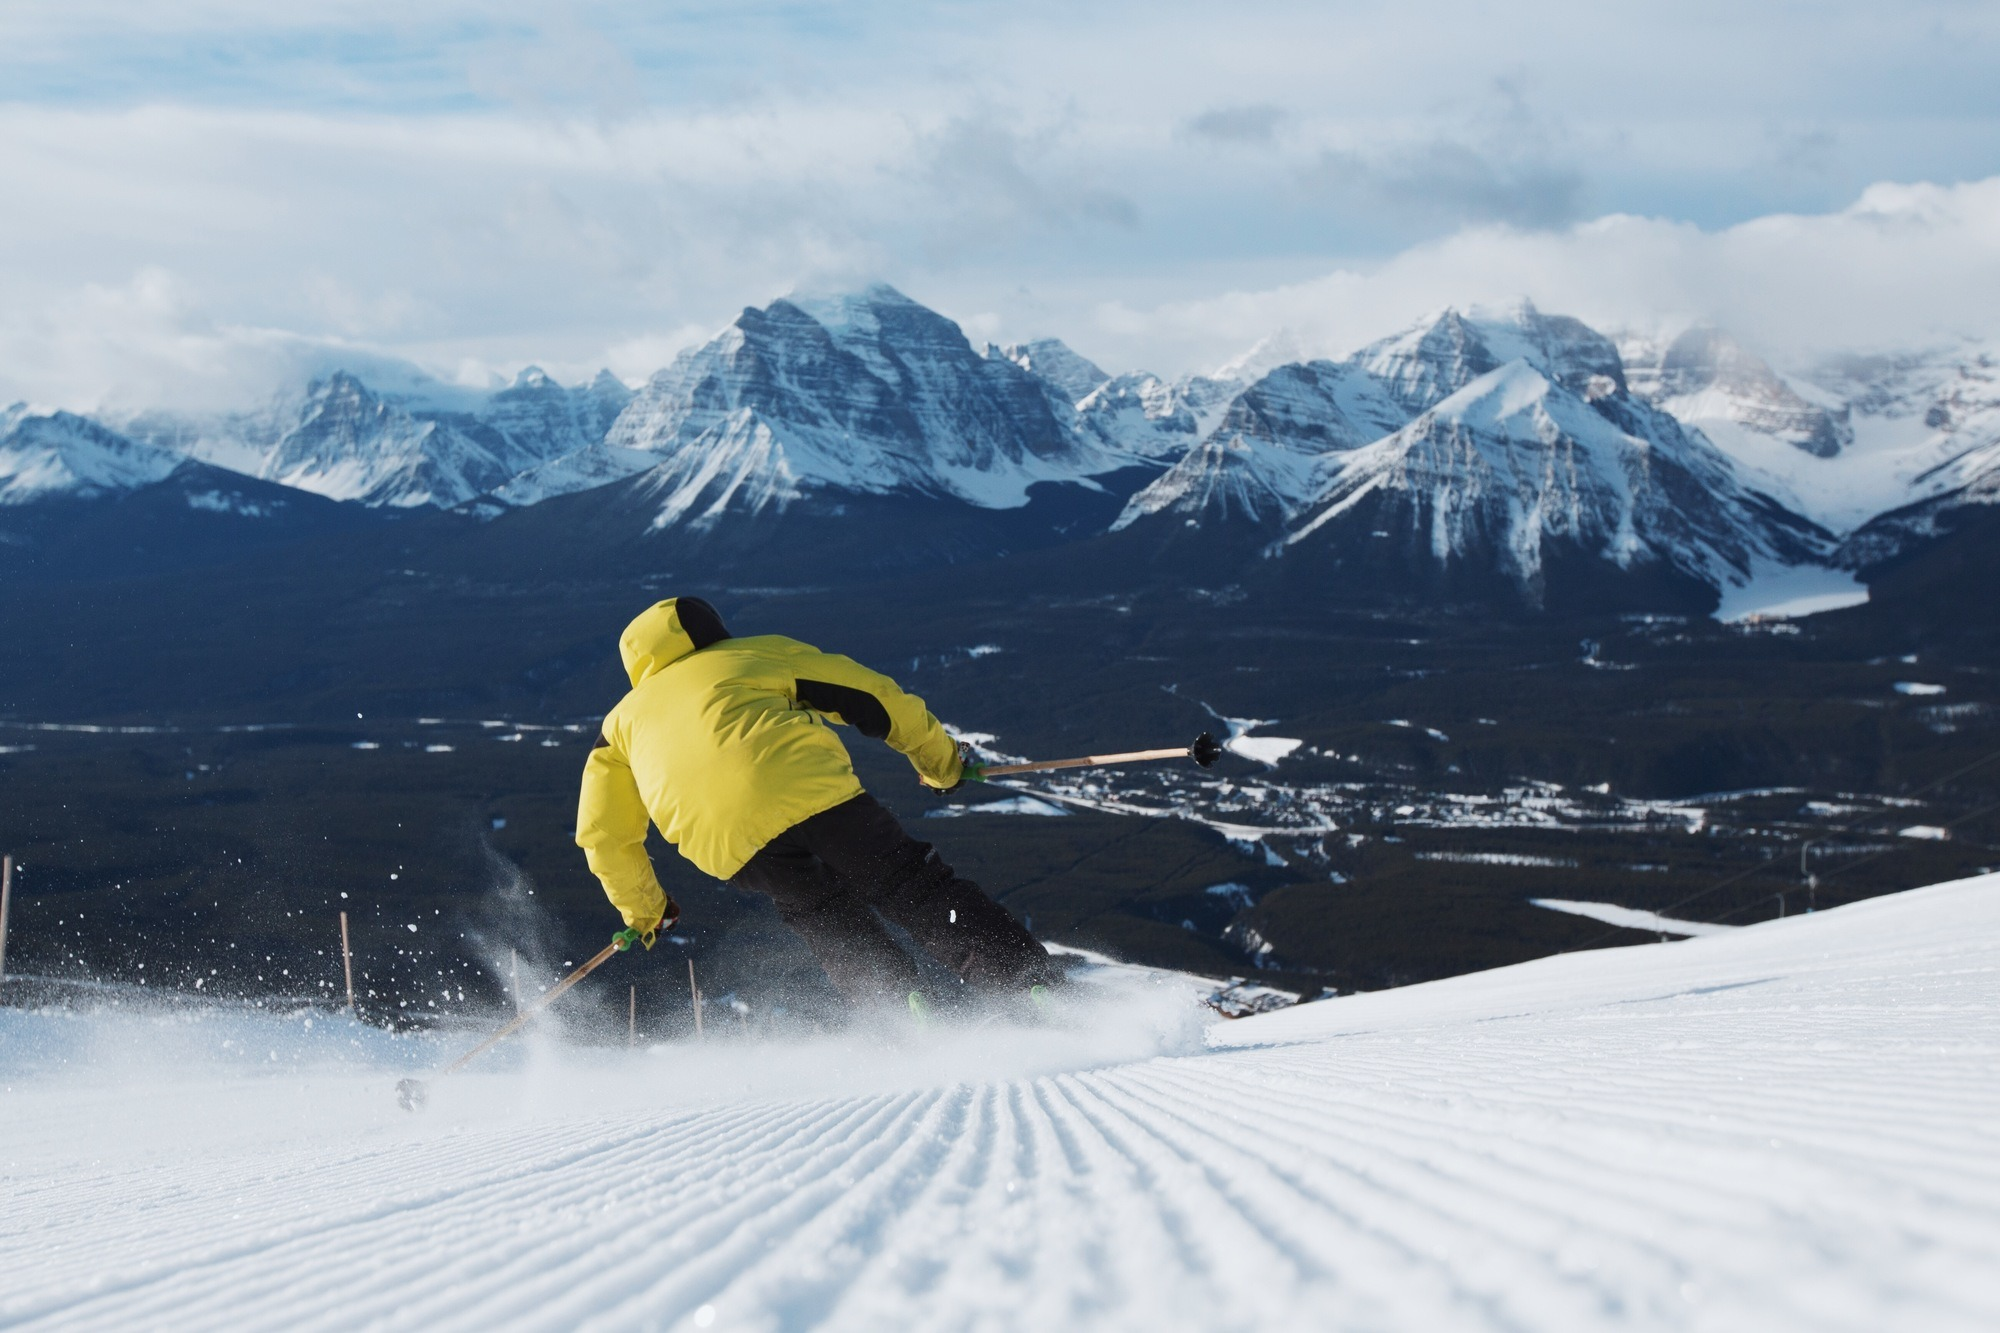 Banff Winter - Skiing at Lake Louise